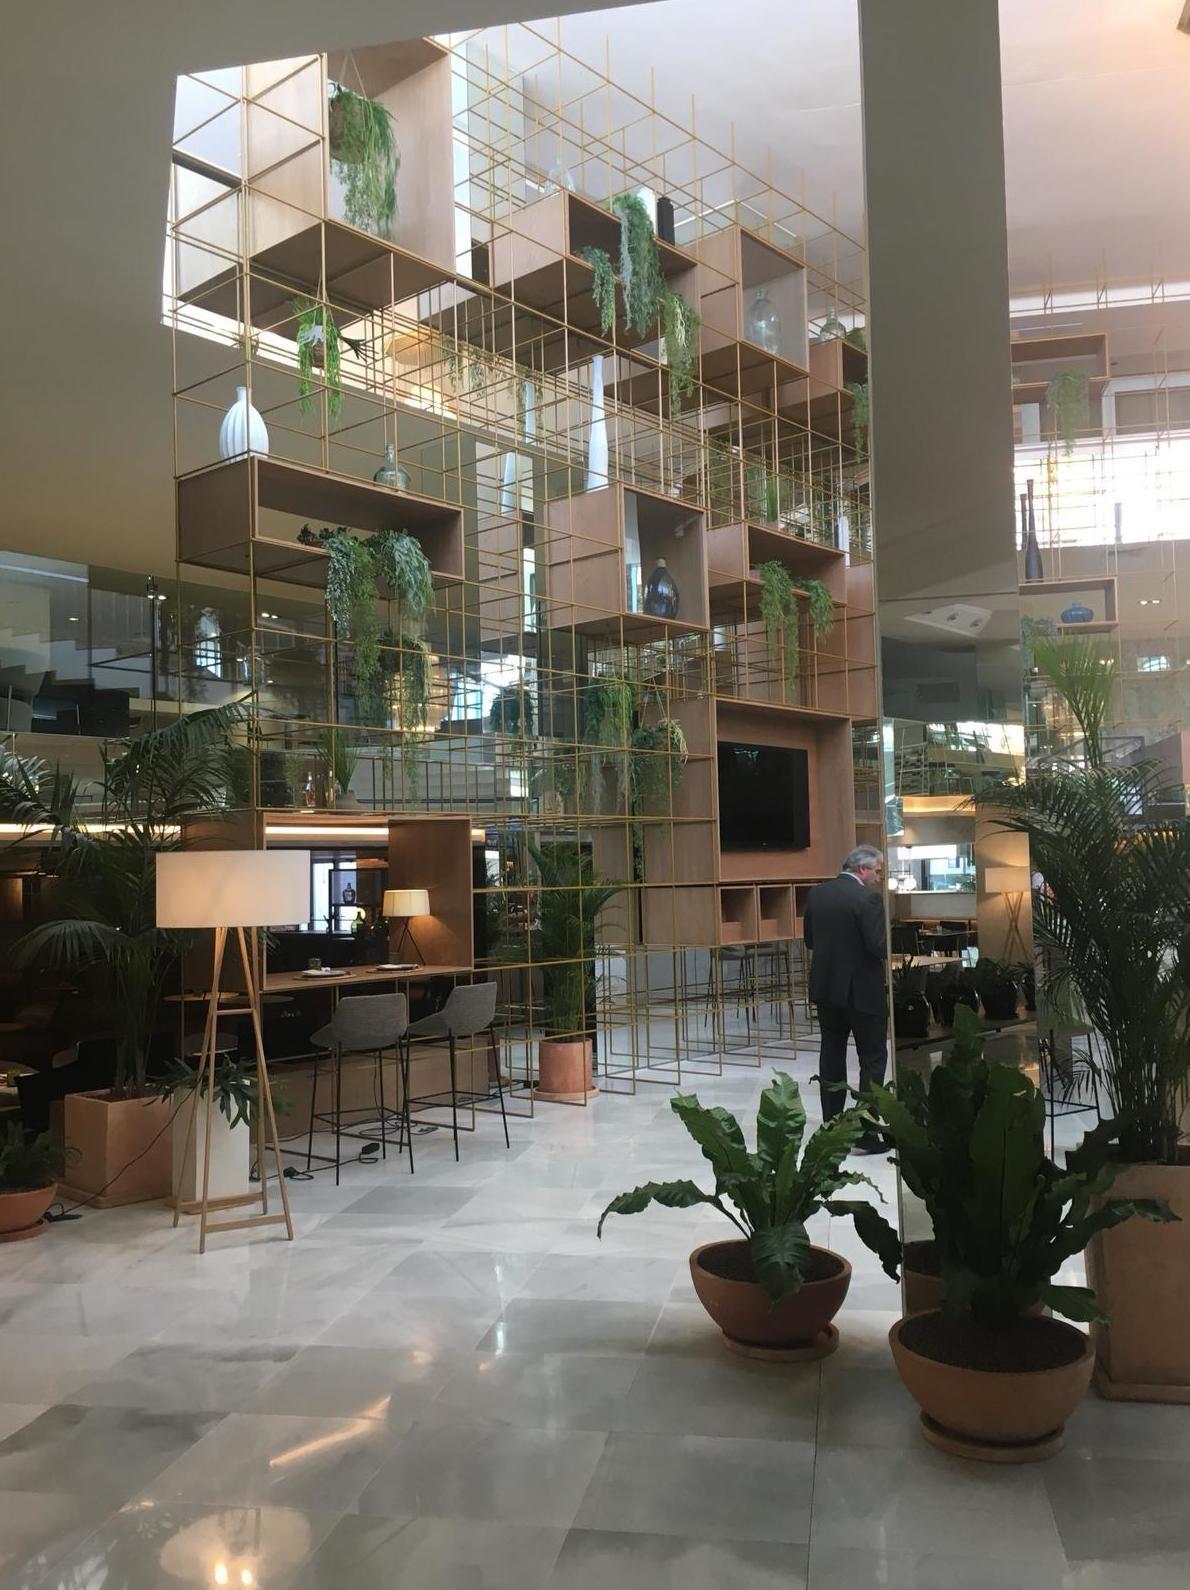 Ajardinamiento interior hotel